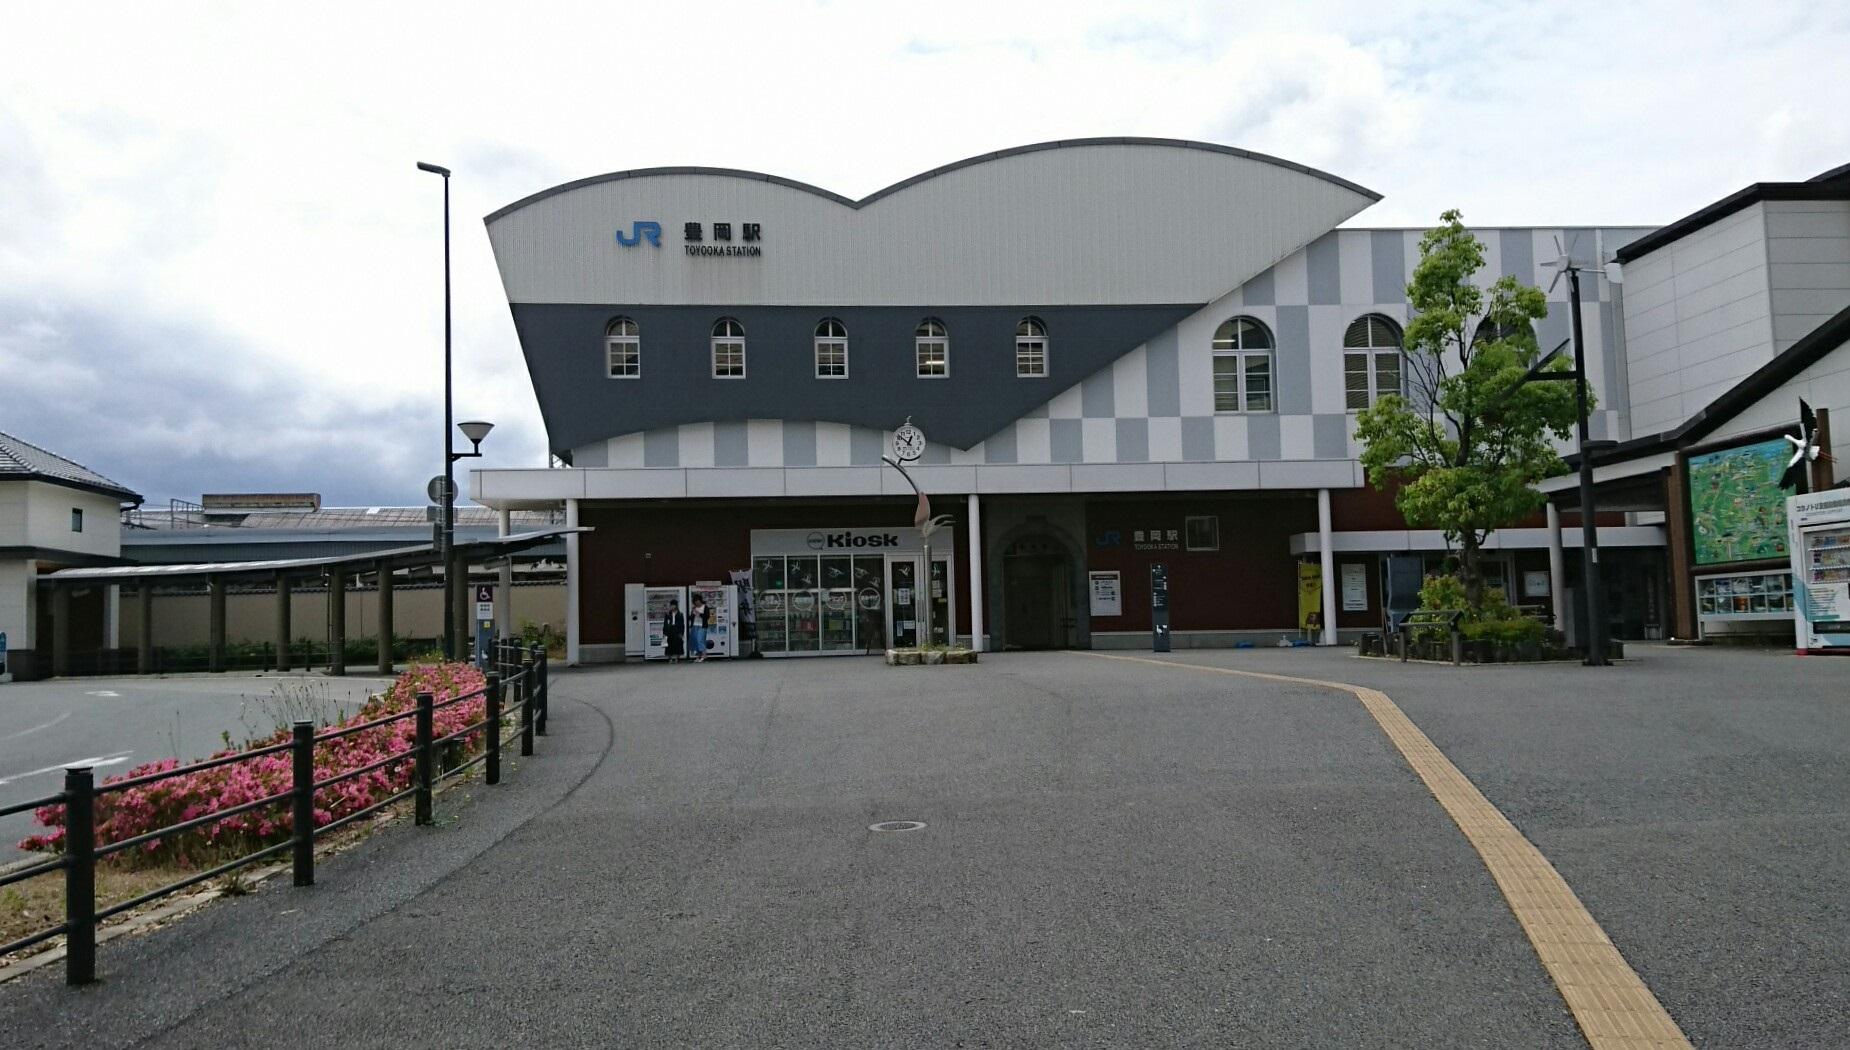 2017.6.3 豊岡 (76) 豊岡駅=橋上駅舎 1850-1050